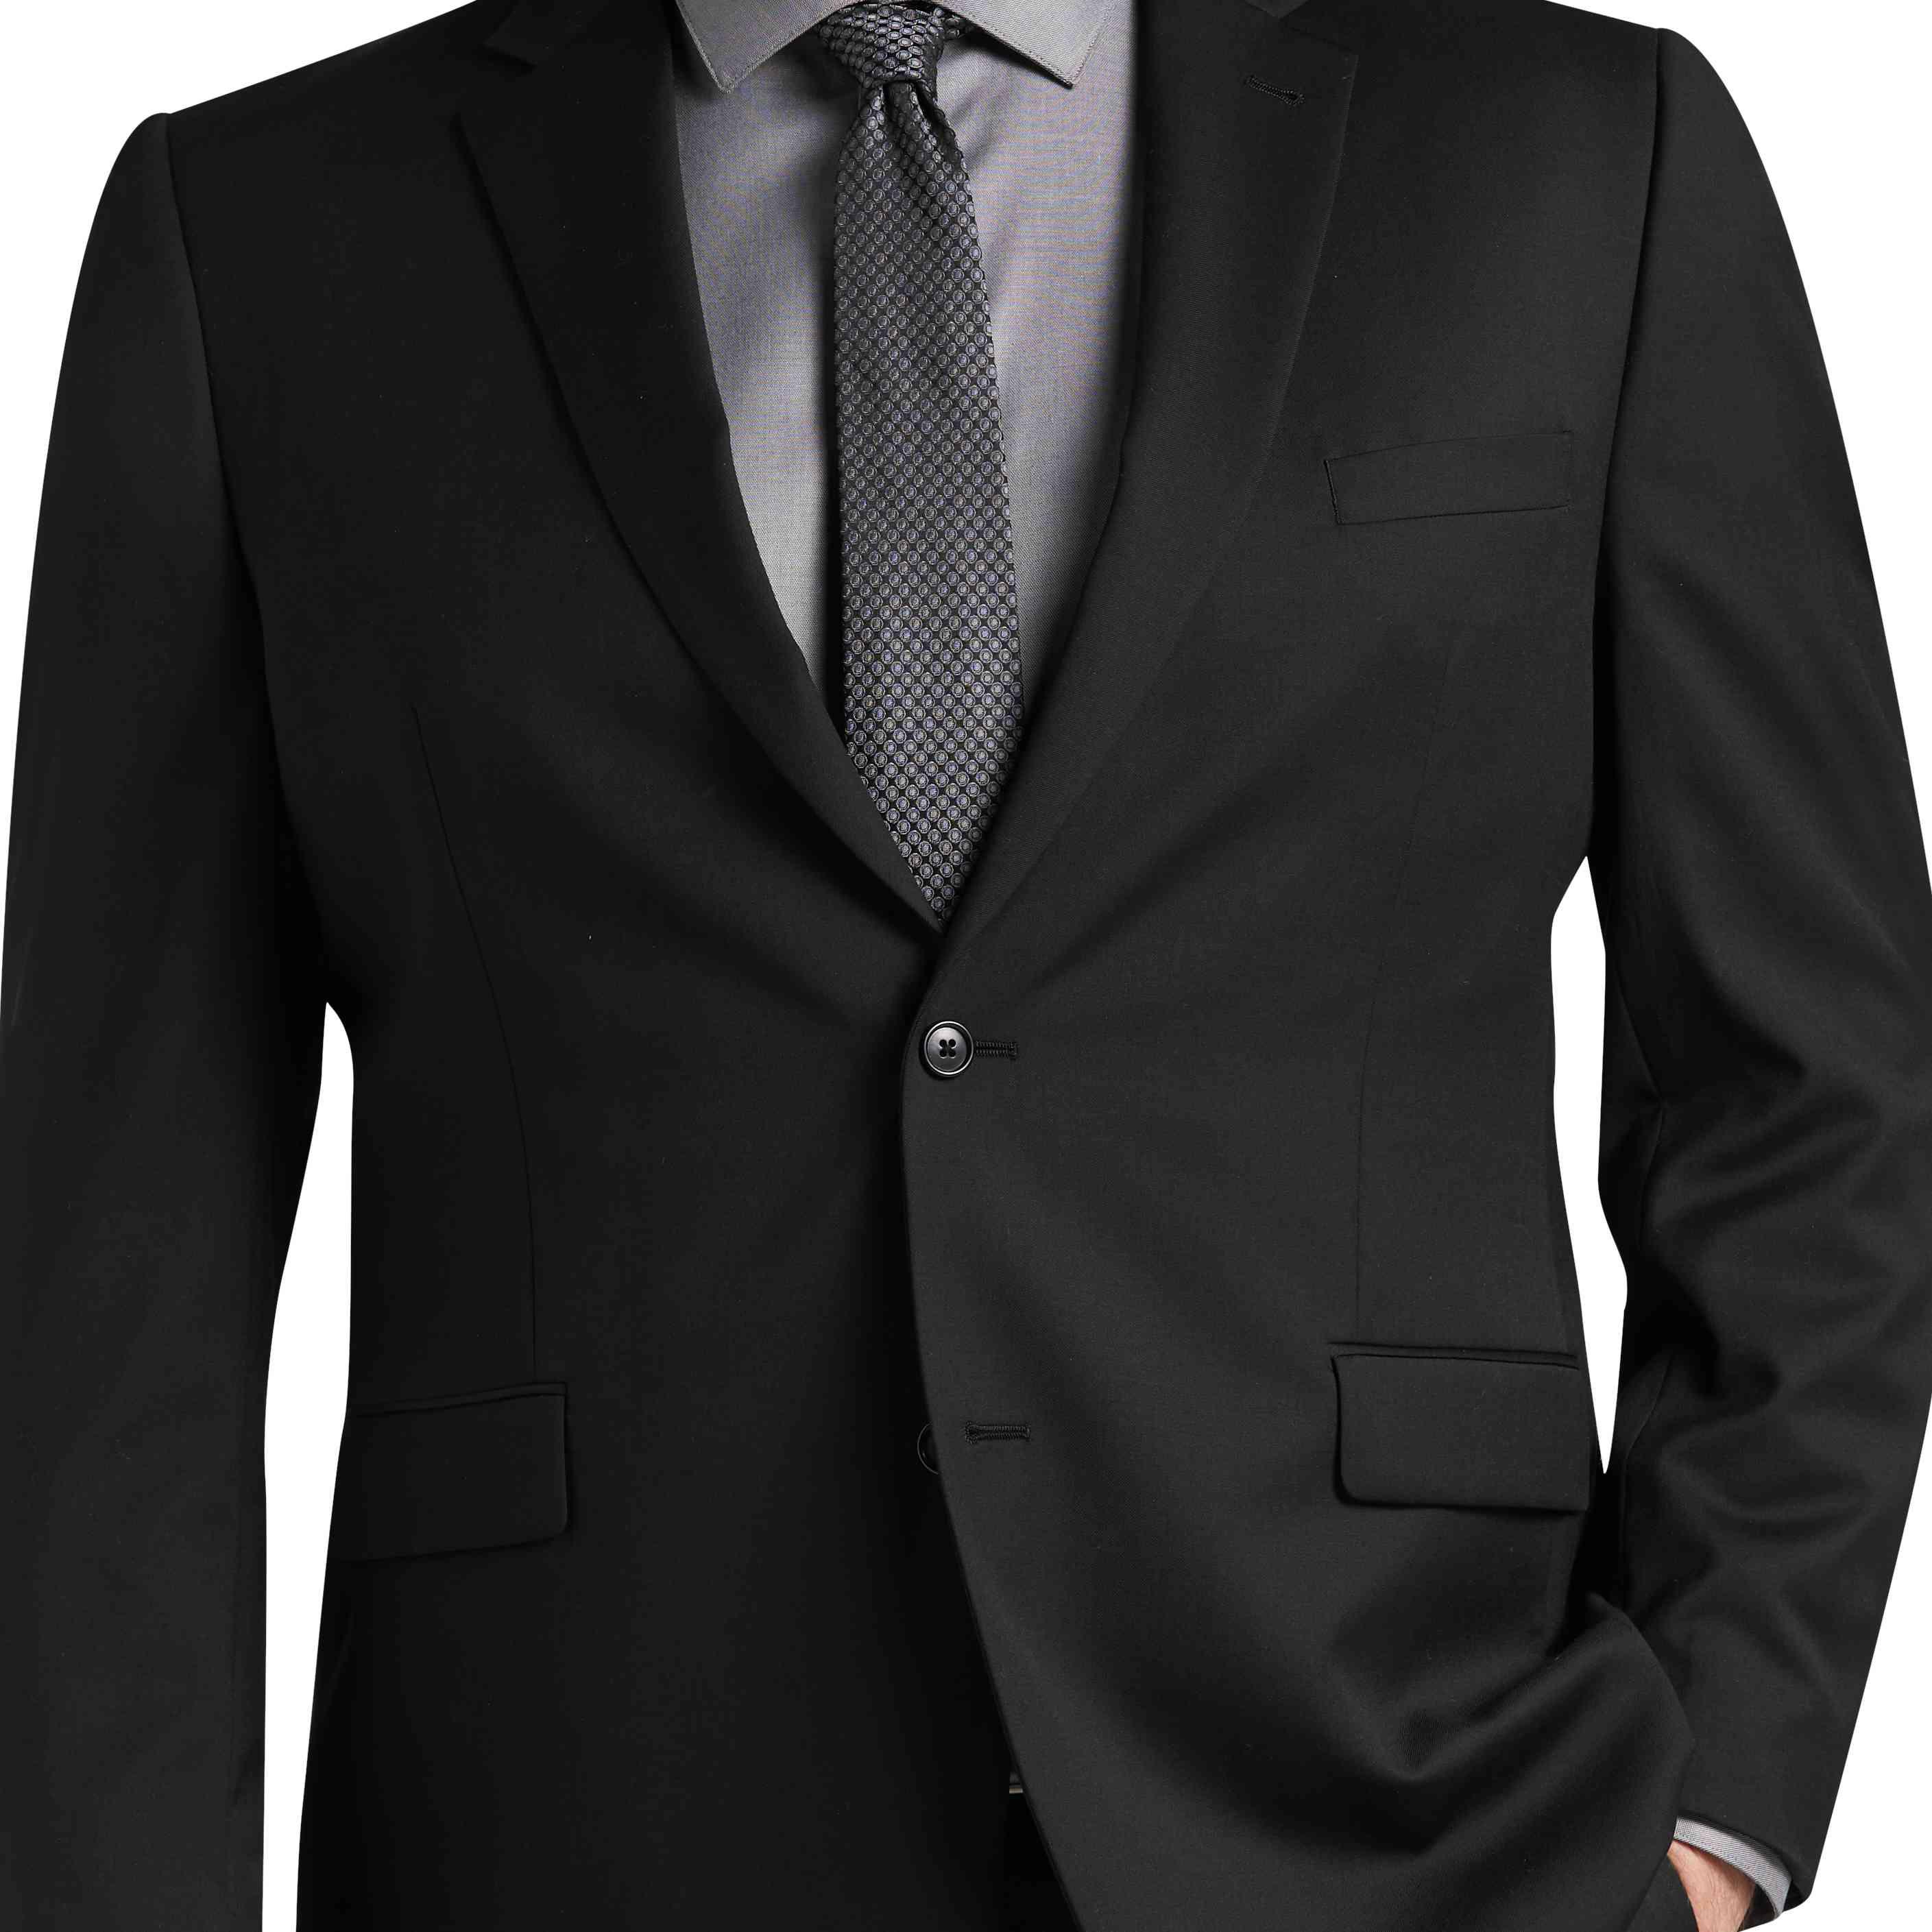 22 Best Men S Wedding Suits Of 2021